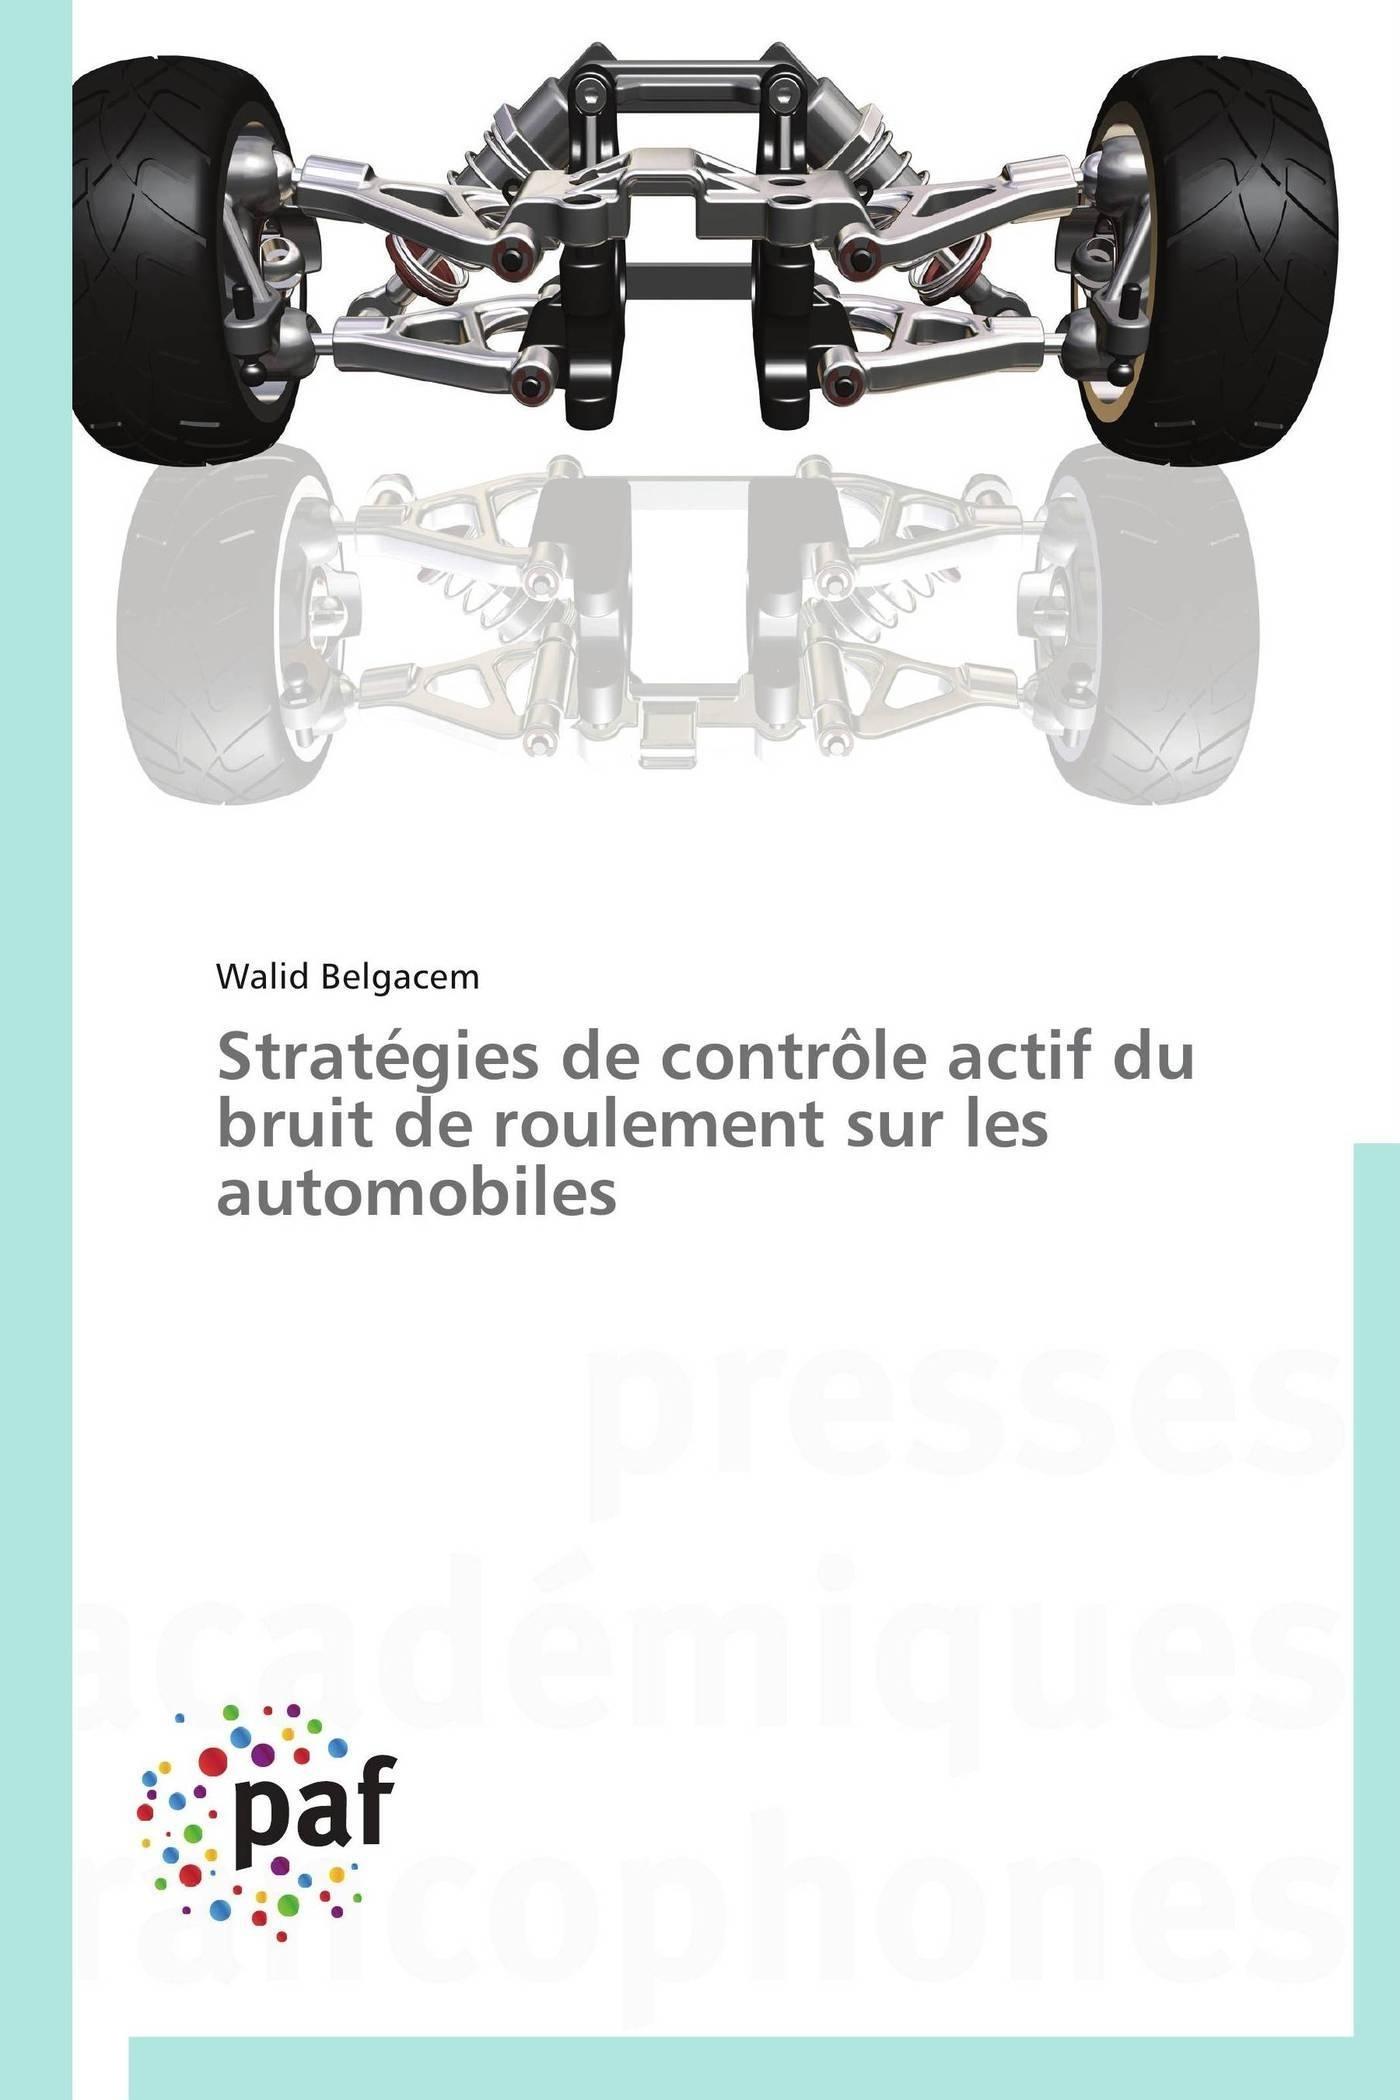 STRATEGIES DE CONTROLE ACTIF DU BRUIT DE ROULEMENT SUR LES AUTOMOBILES